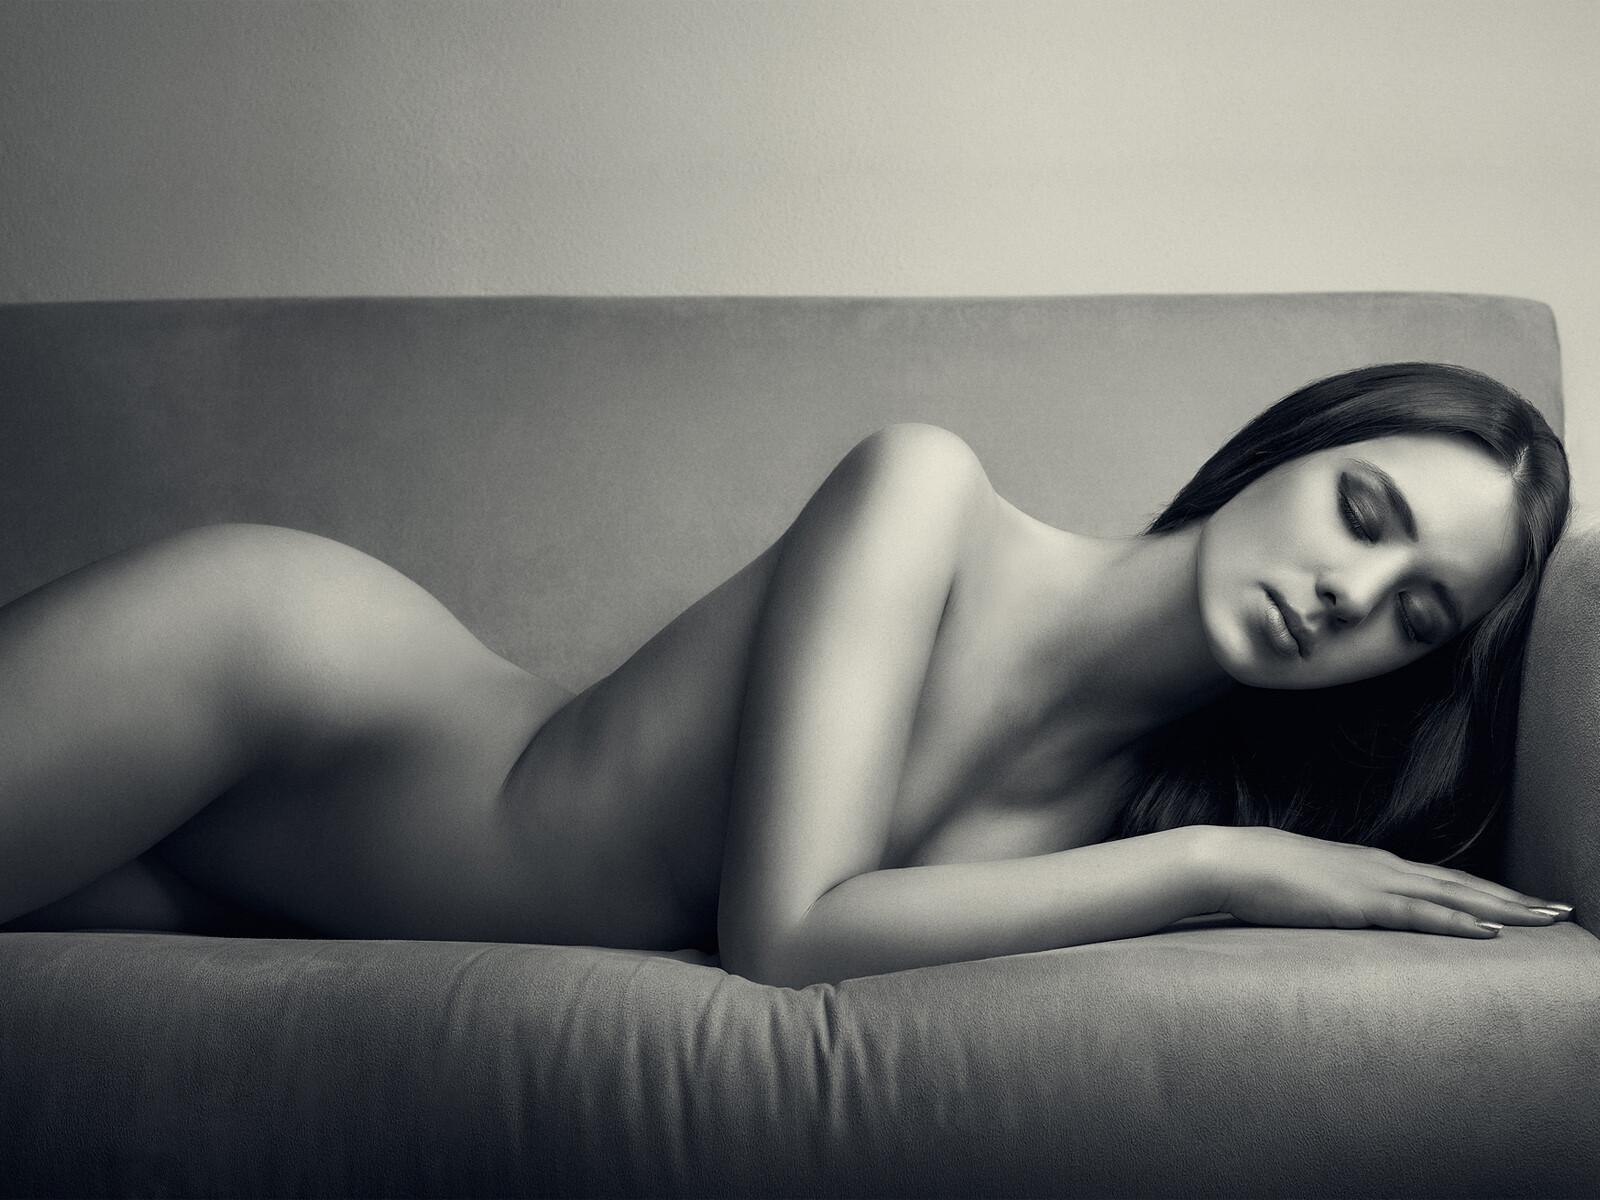 Фотоподборка Красивых Обнаженных Девочек Черно Белое Фото